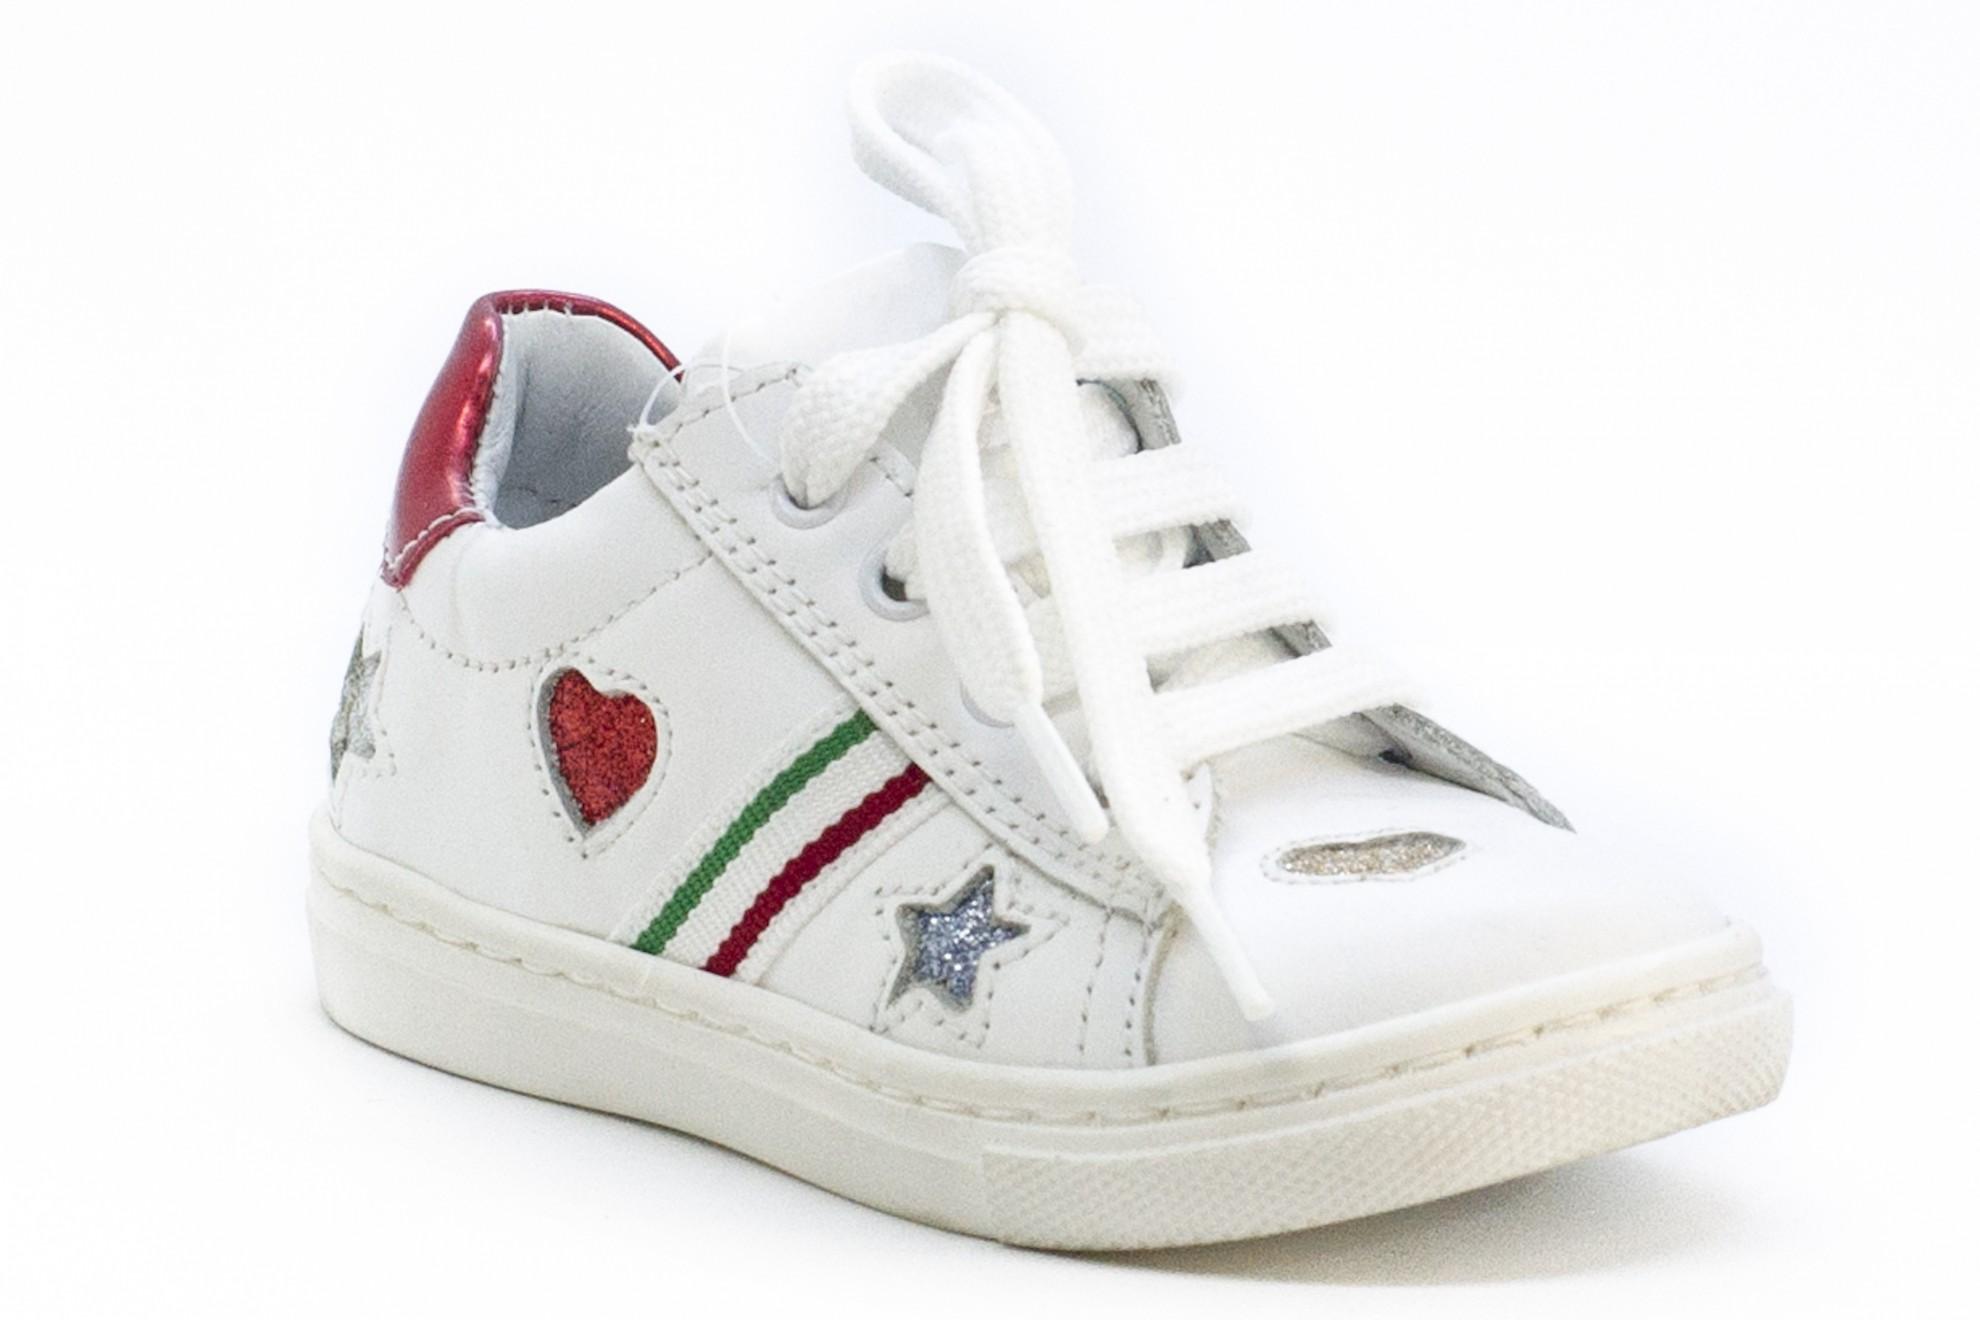 Pantofi/Tenisi albi cu inimioare si stelute